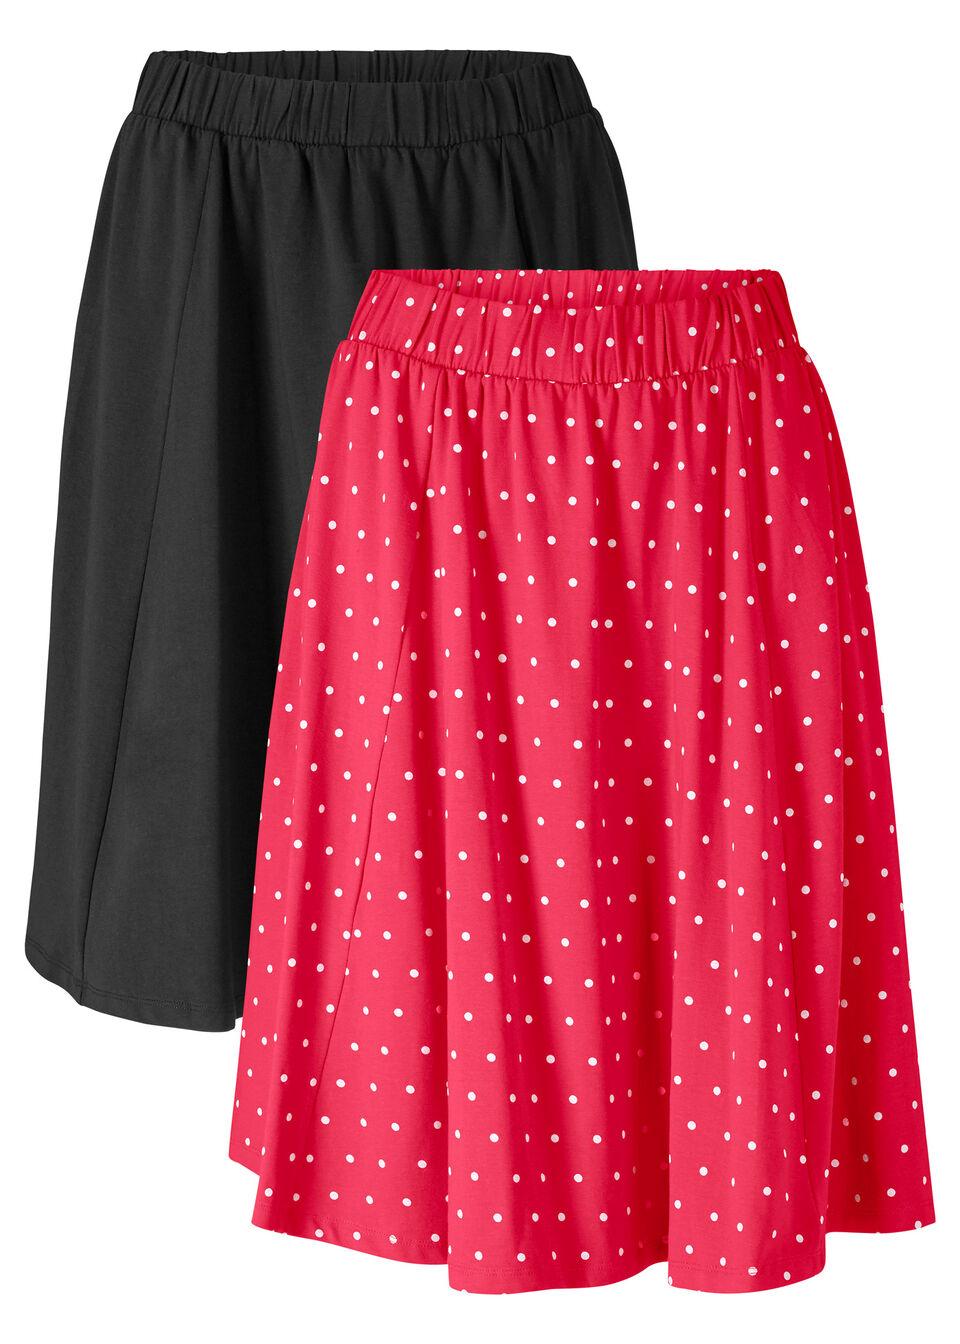 Spódnica shirtowa (2 szt.) bonprix czerwony w białe kropki + czarny